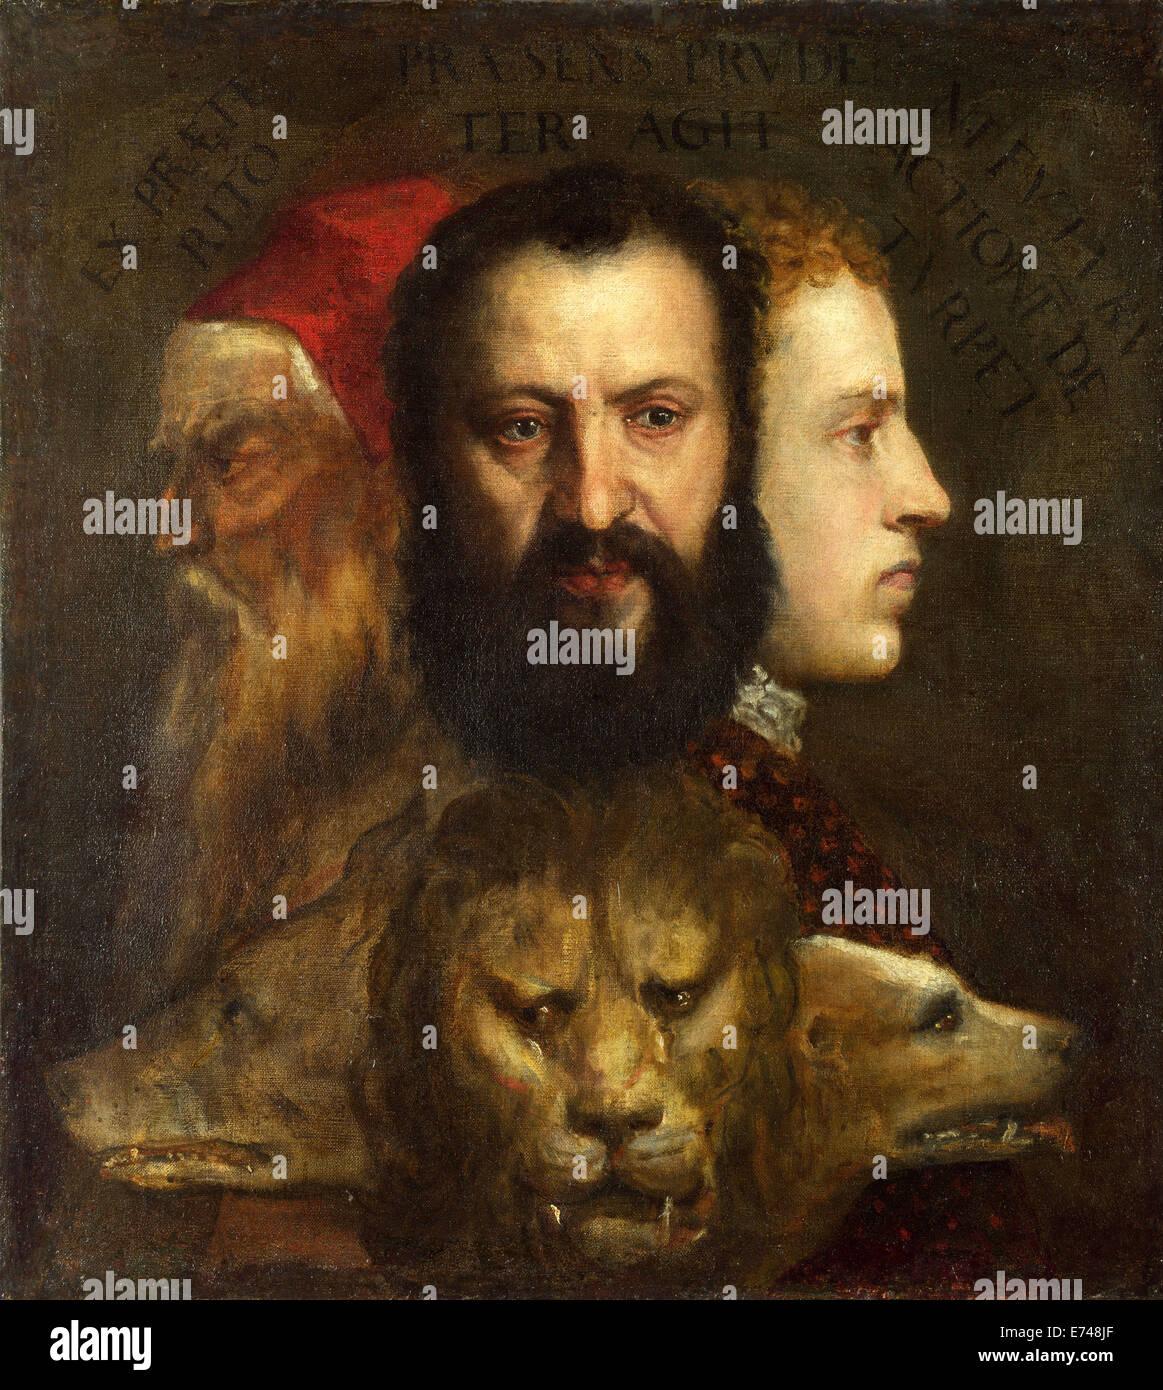 L'allégorie de l'âge de régis par la prudence - de Titien, 1565-1570 Banque D'Images